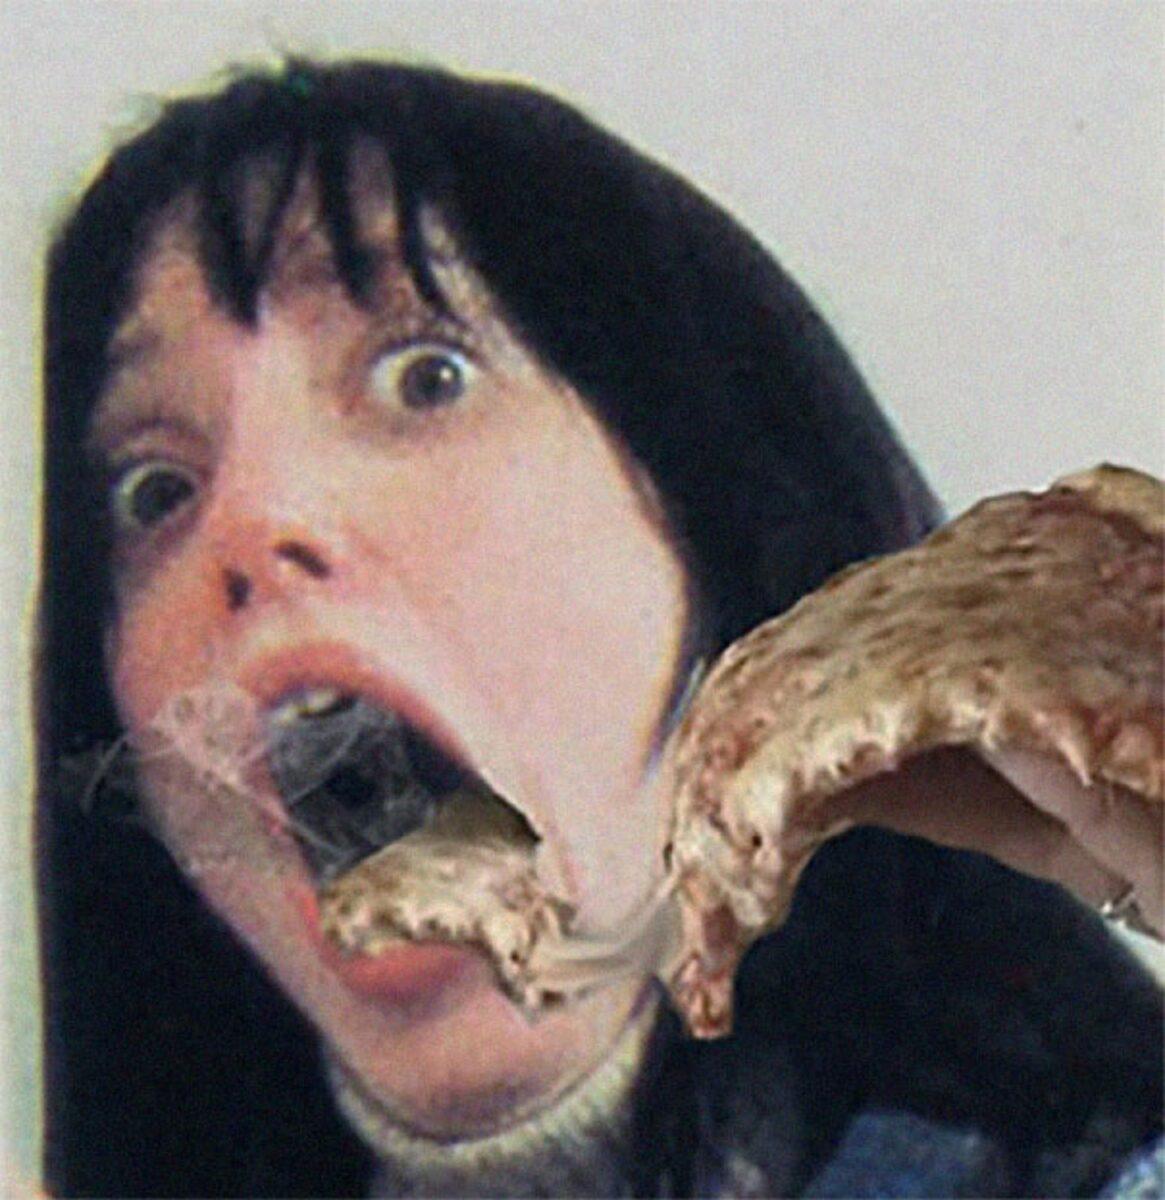 Pizzas adicionadas em filmes de terror atraves do Photoshop 2